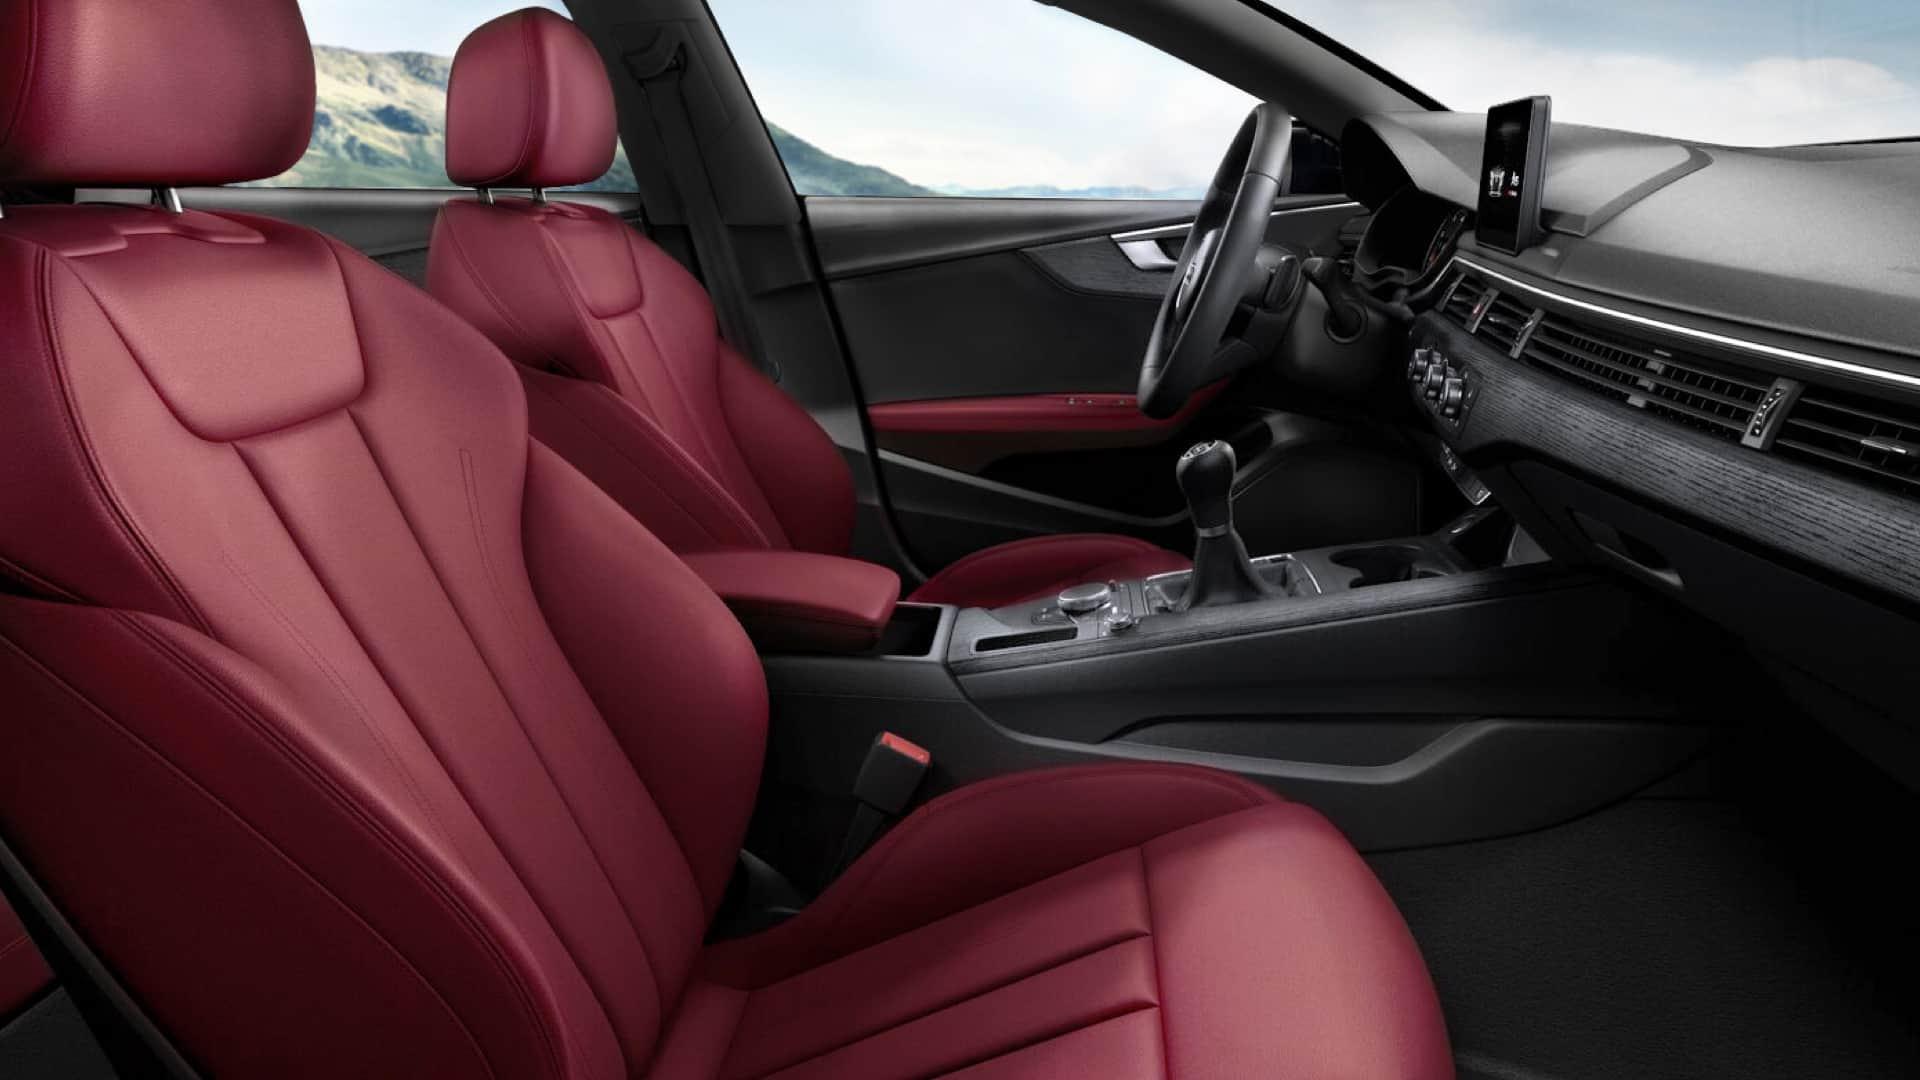 Audi A Sportback Audi Curacao - Audi car seat